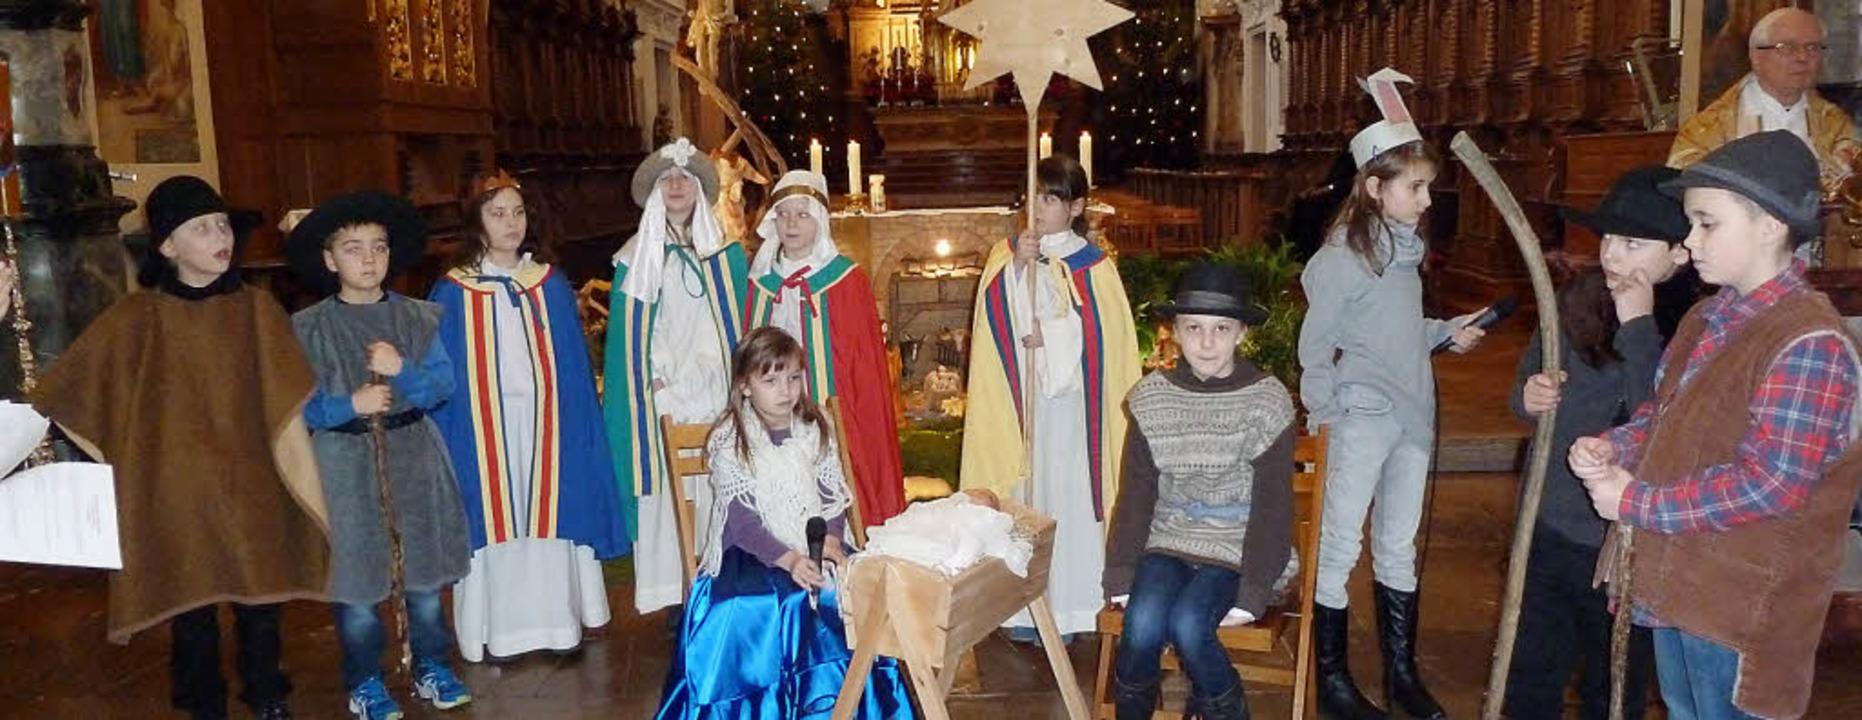 Bei der Kinderkrippenfeier in St. Trud...alduin als gelungenes Singspiel auf.      Foto: Eberhard Gross